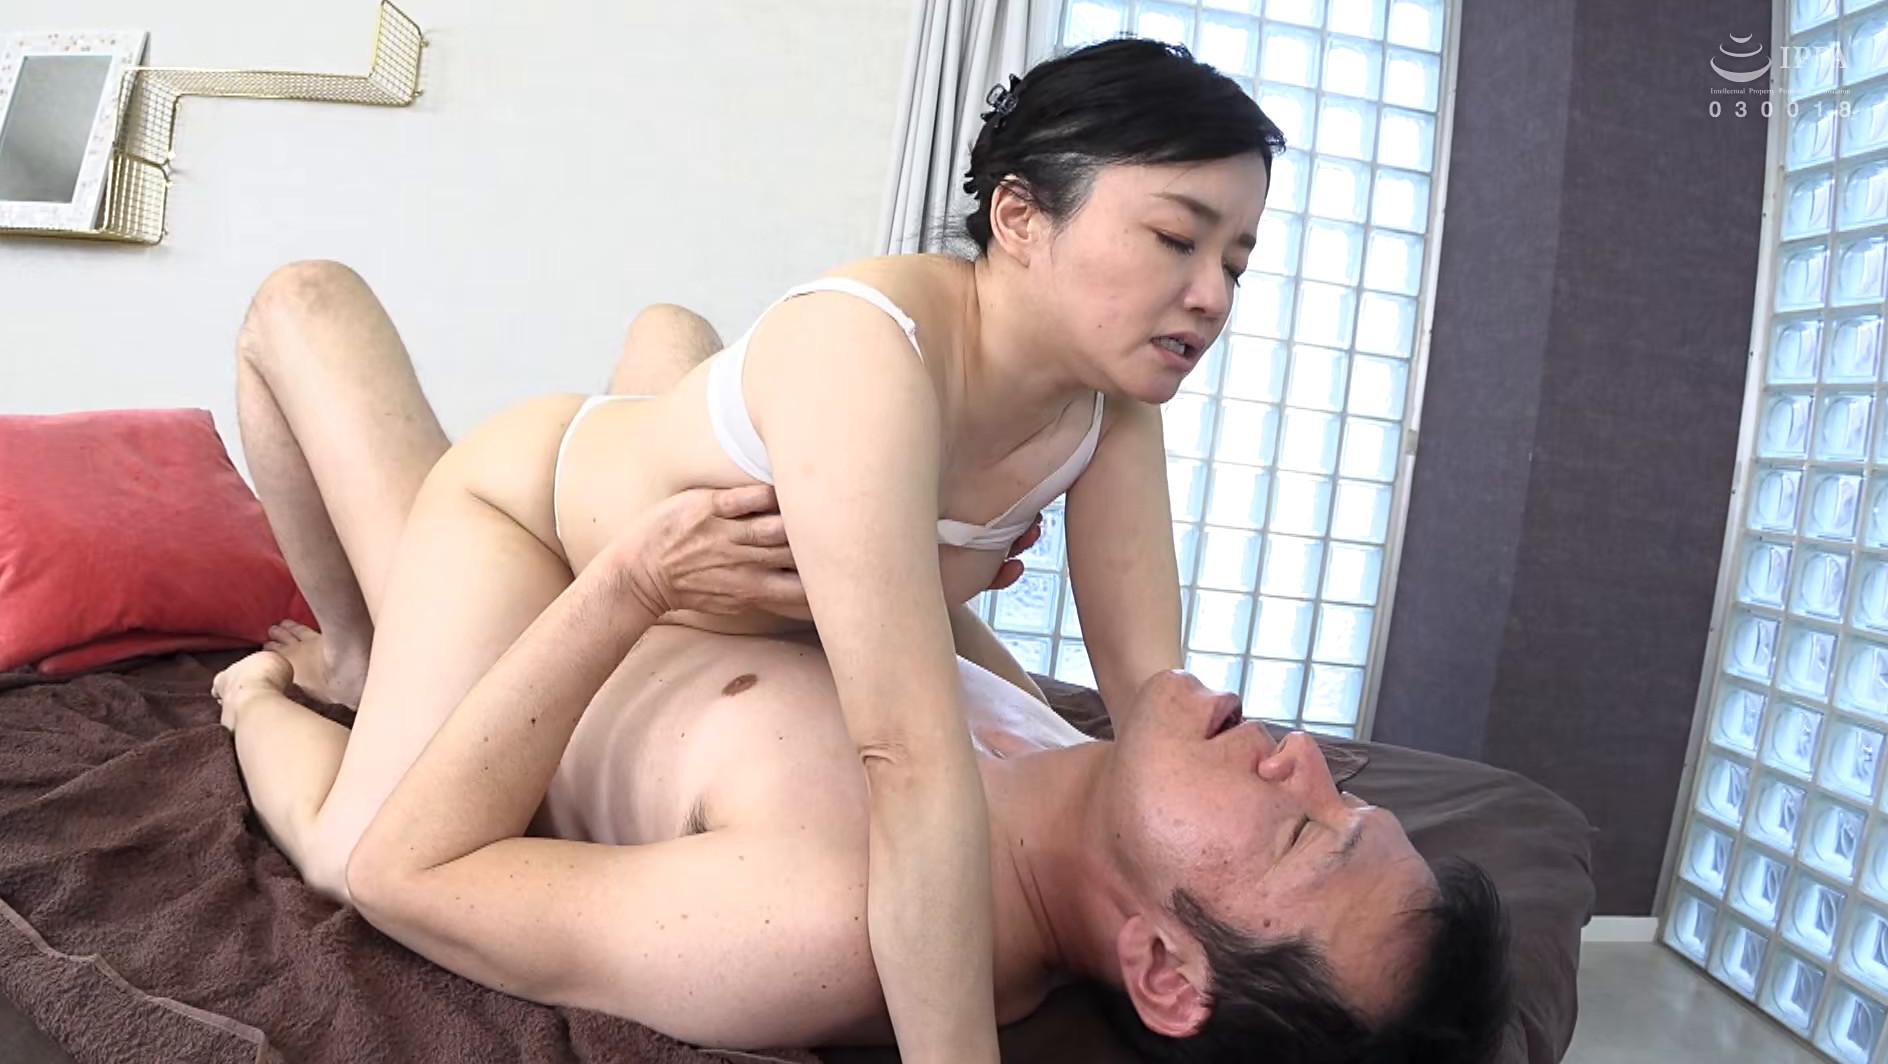 欲求不満五十路妻 近所にいそうなかわいらしい普通の奥様は潮をふきまくるドスケベ変態だった! 優子さん(52歳),のサンプル画像22